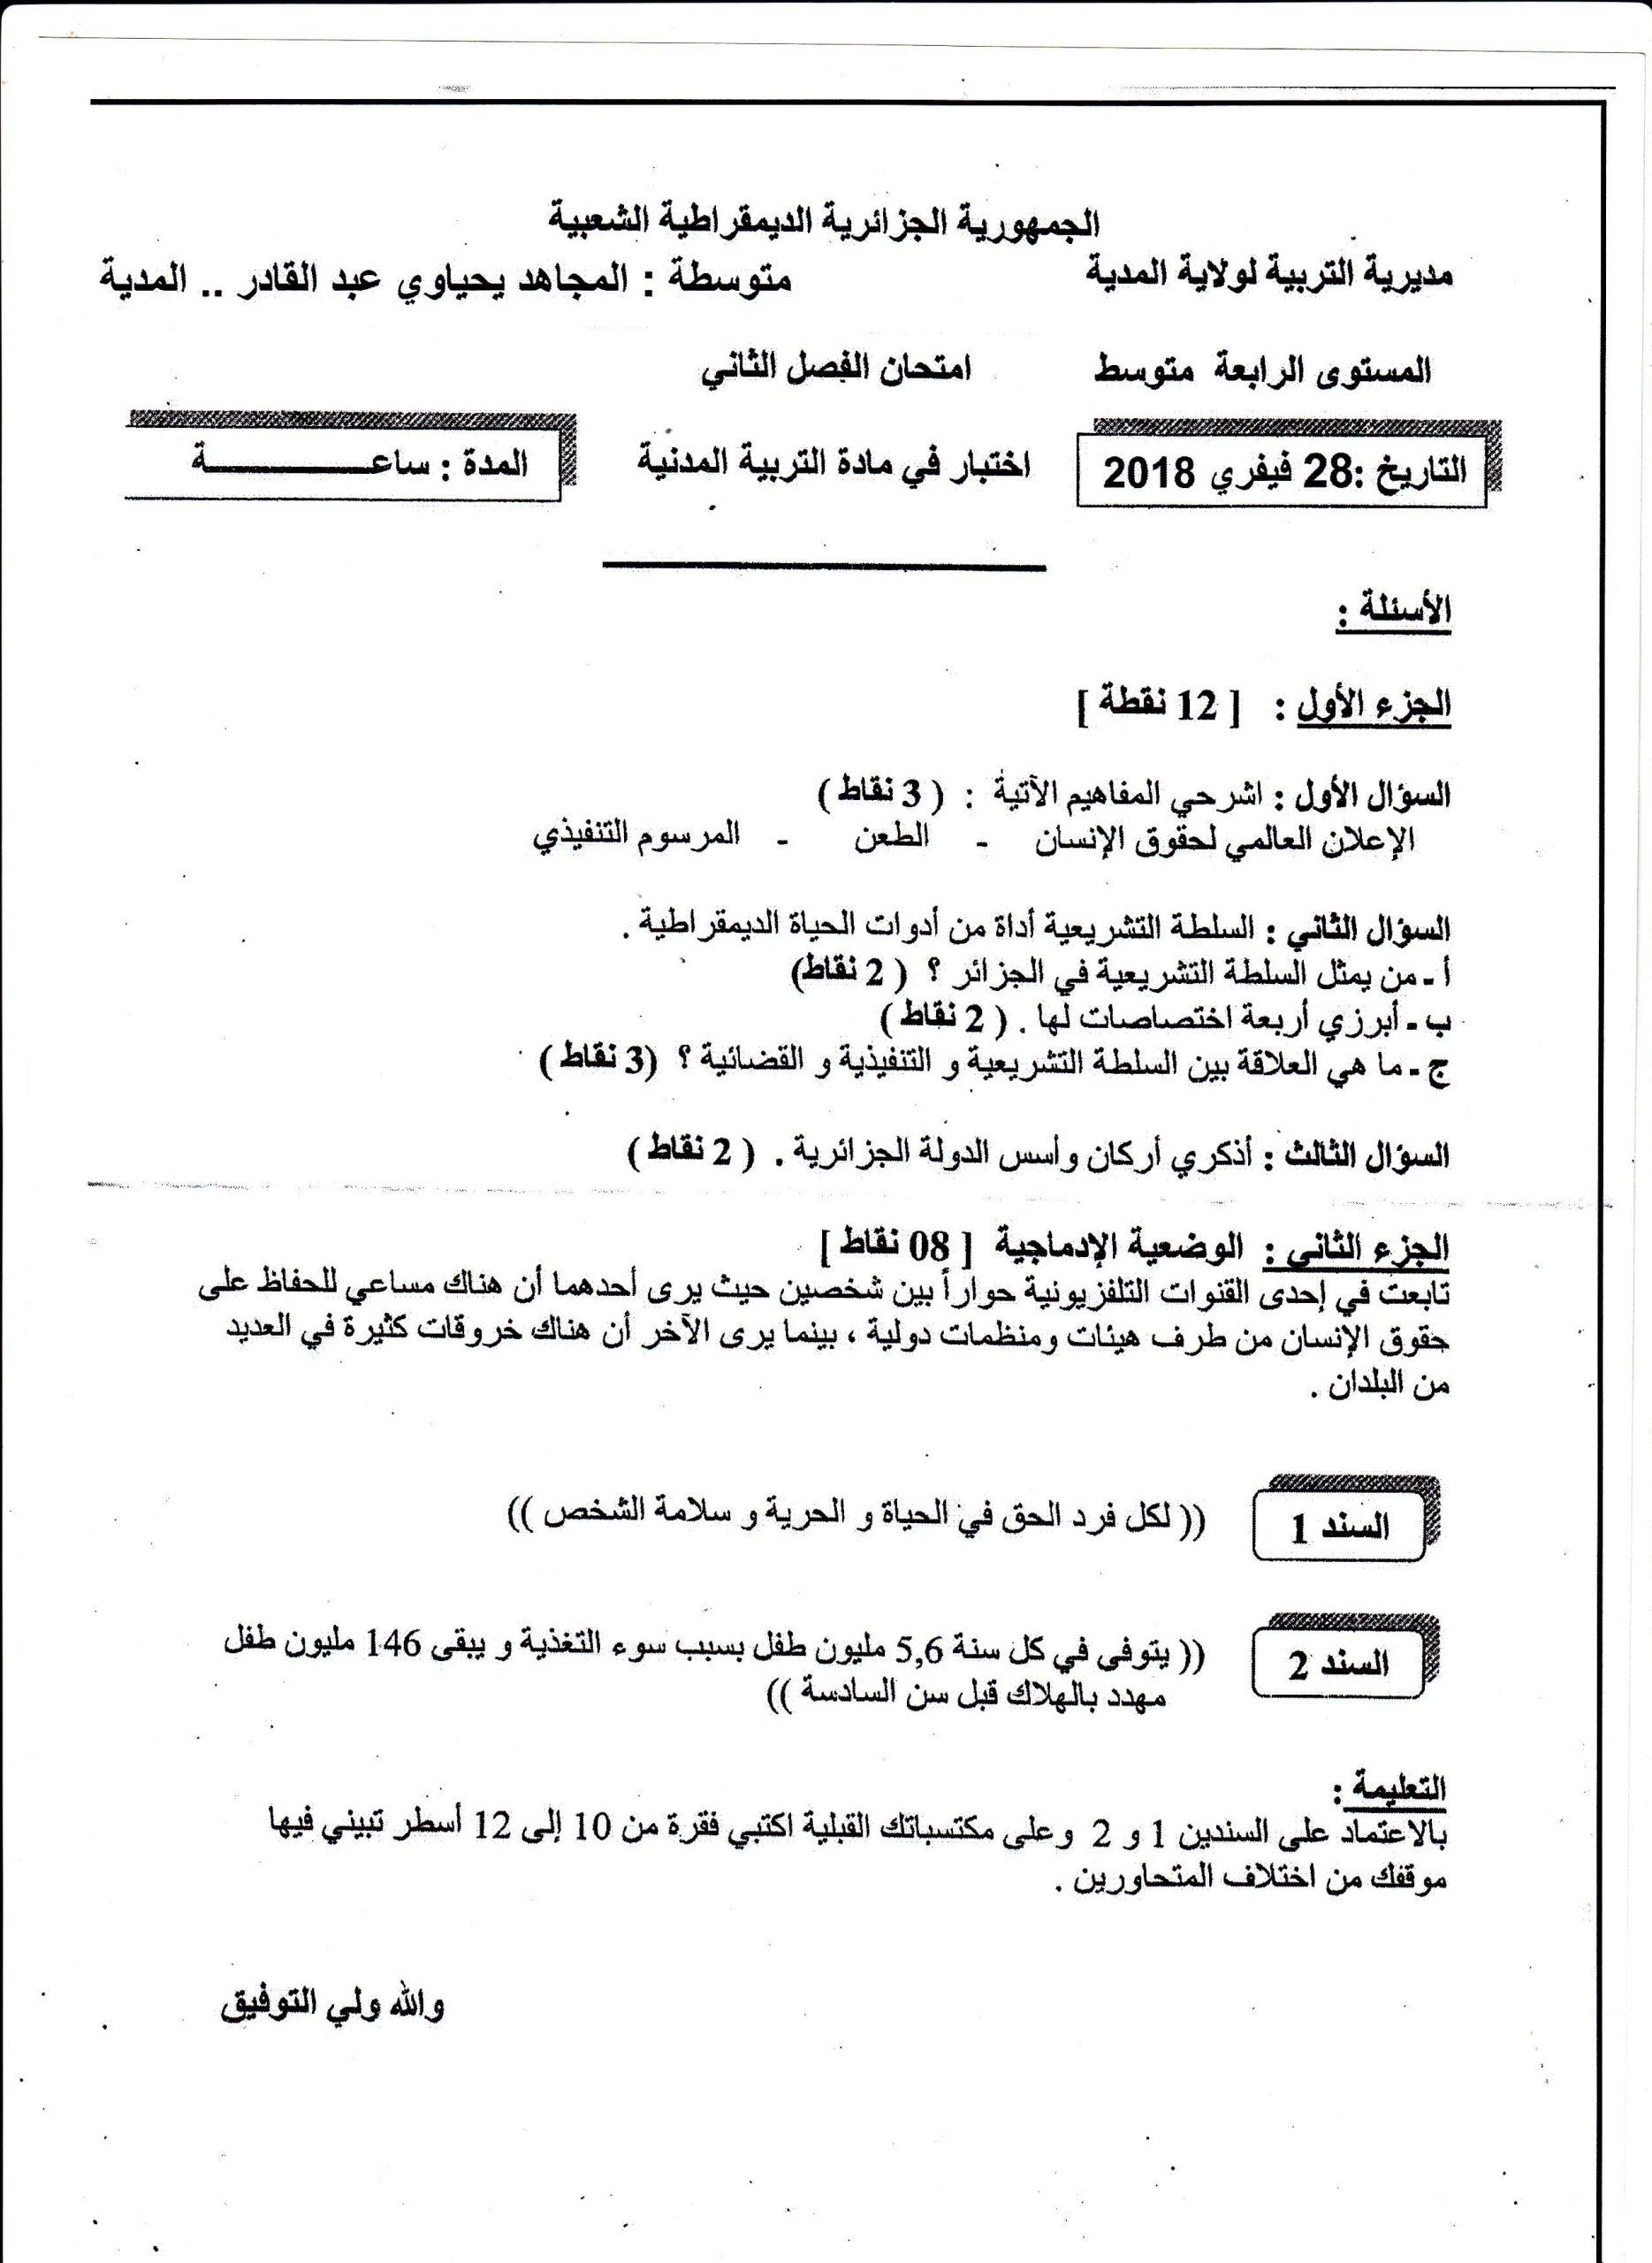 اختبار الفصل الثاني في التربية المدنية السنة الرابعة متوسط | الموضوع 02